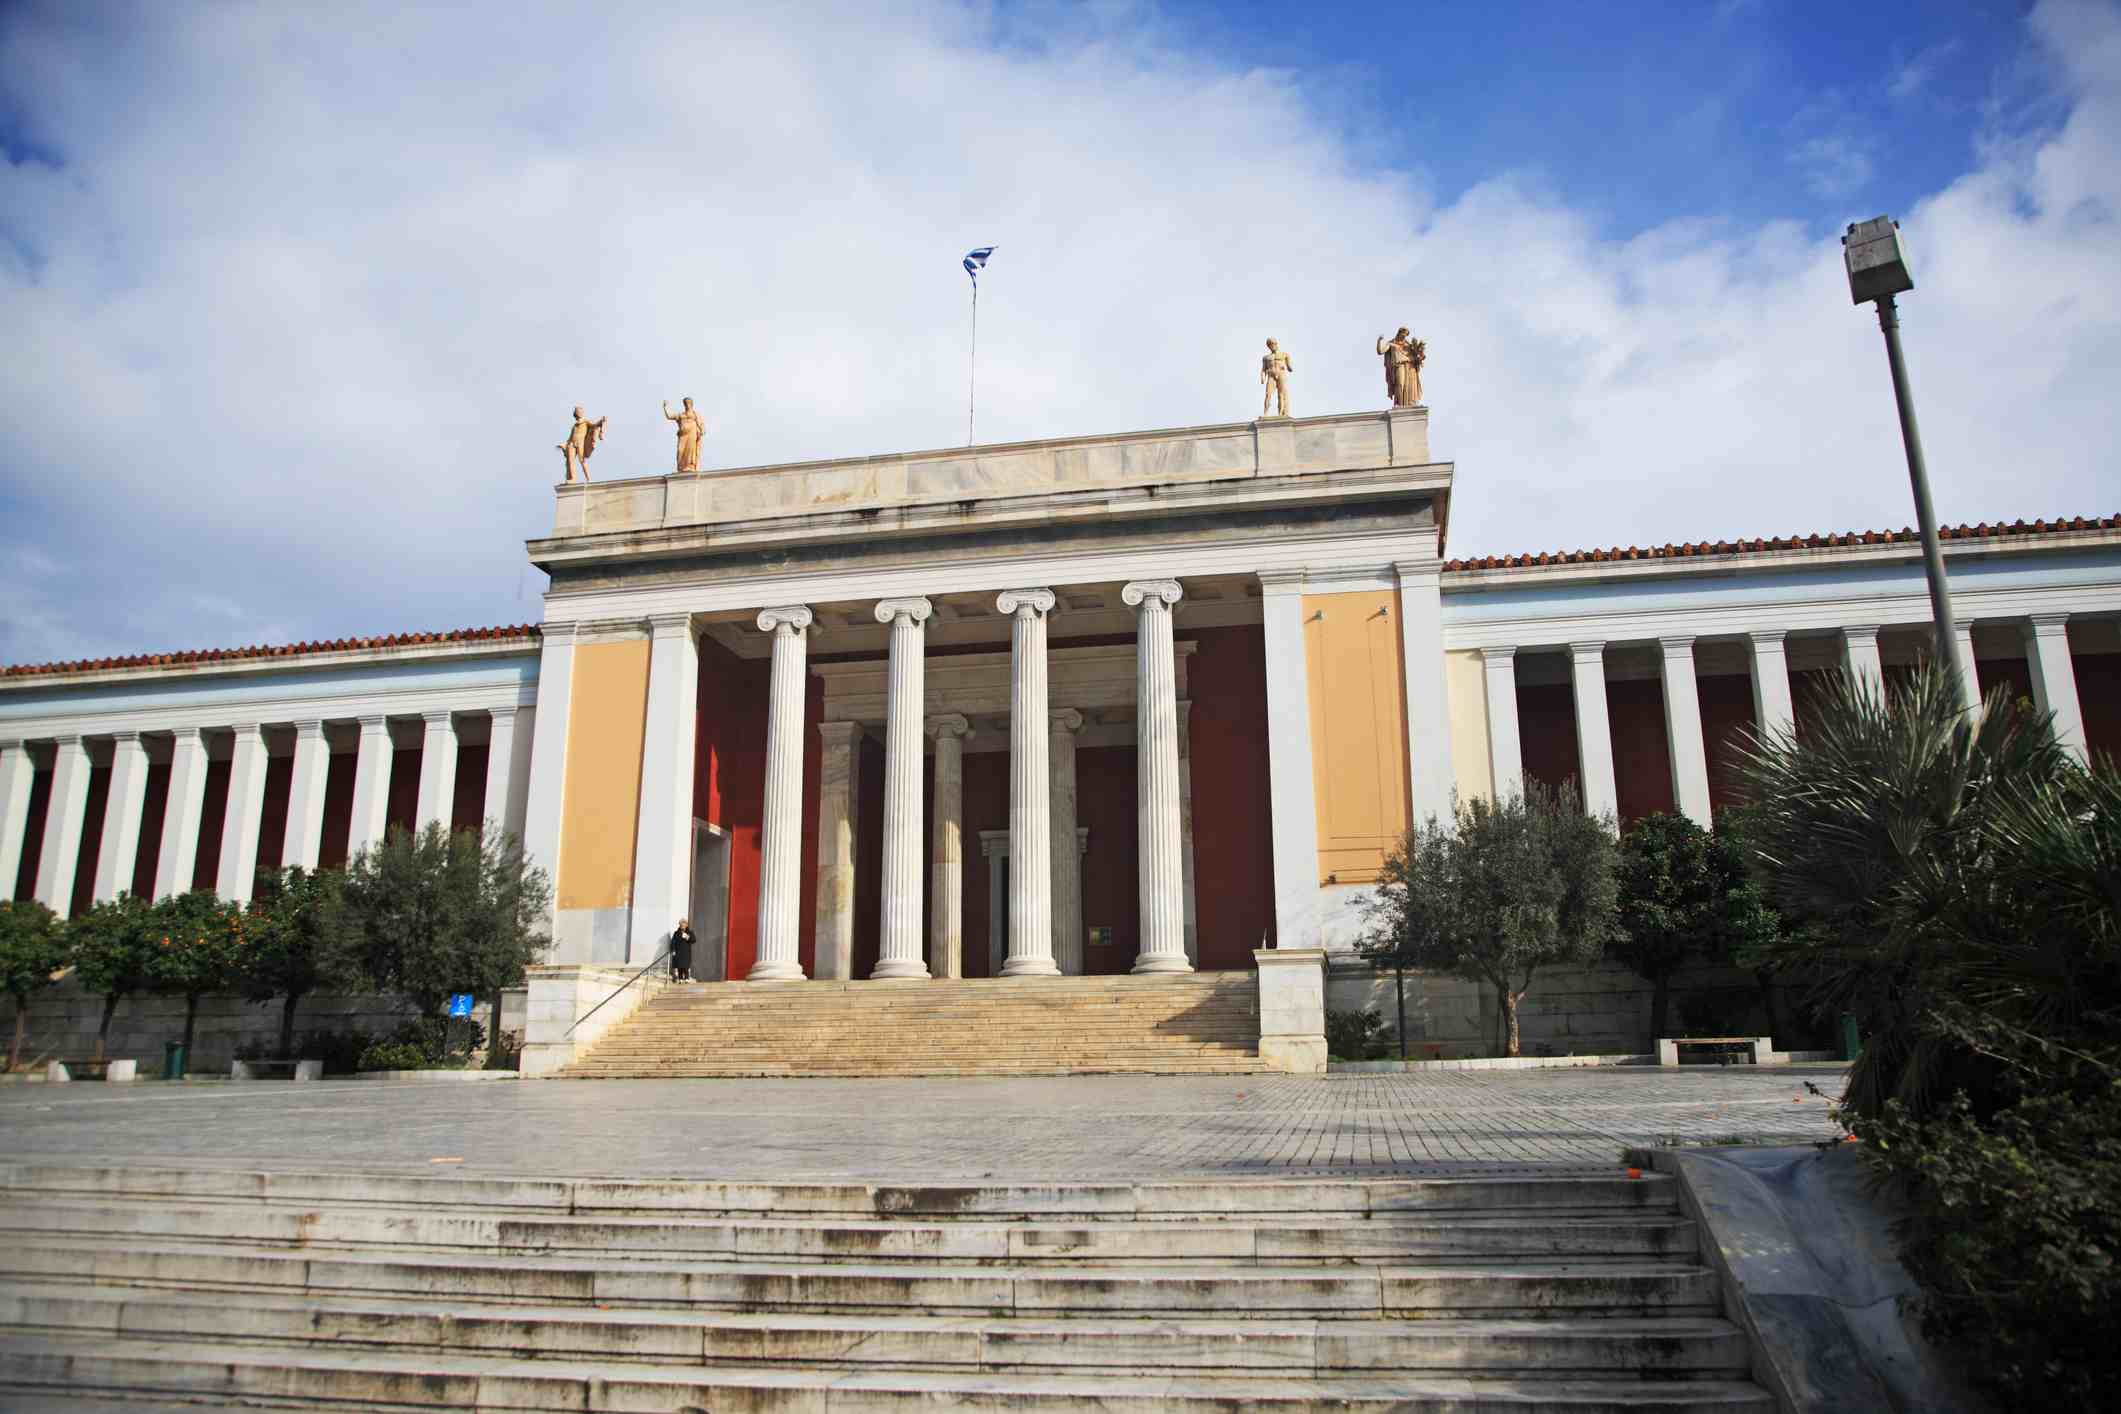 Museo Arqueológico Nacional Griego